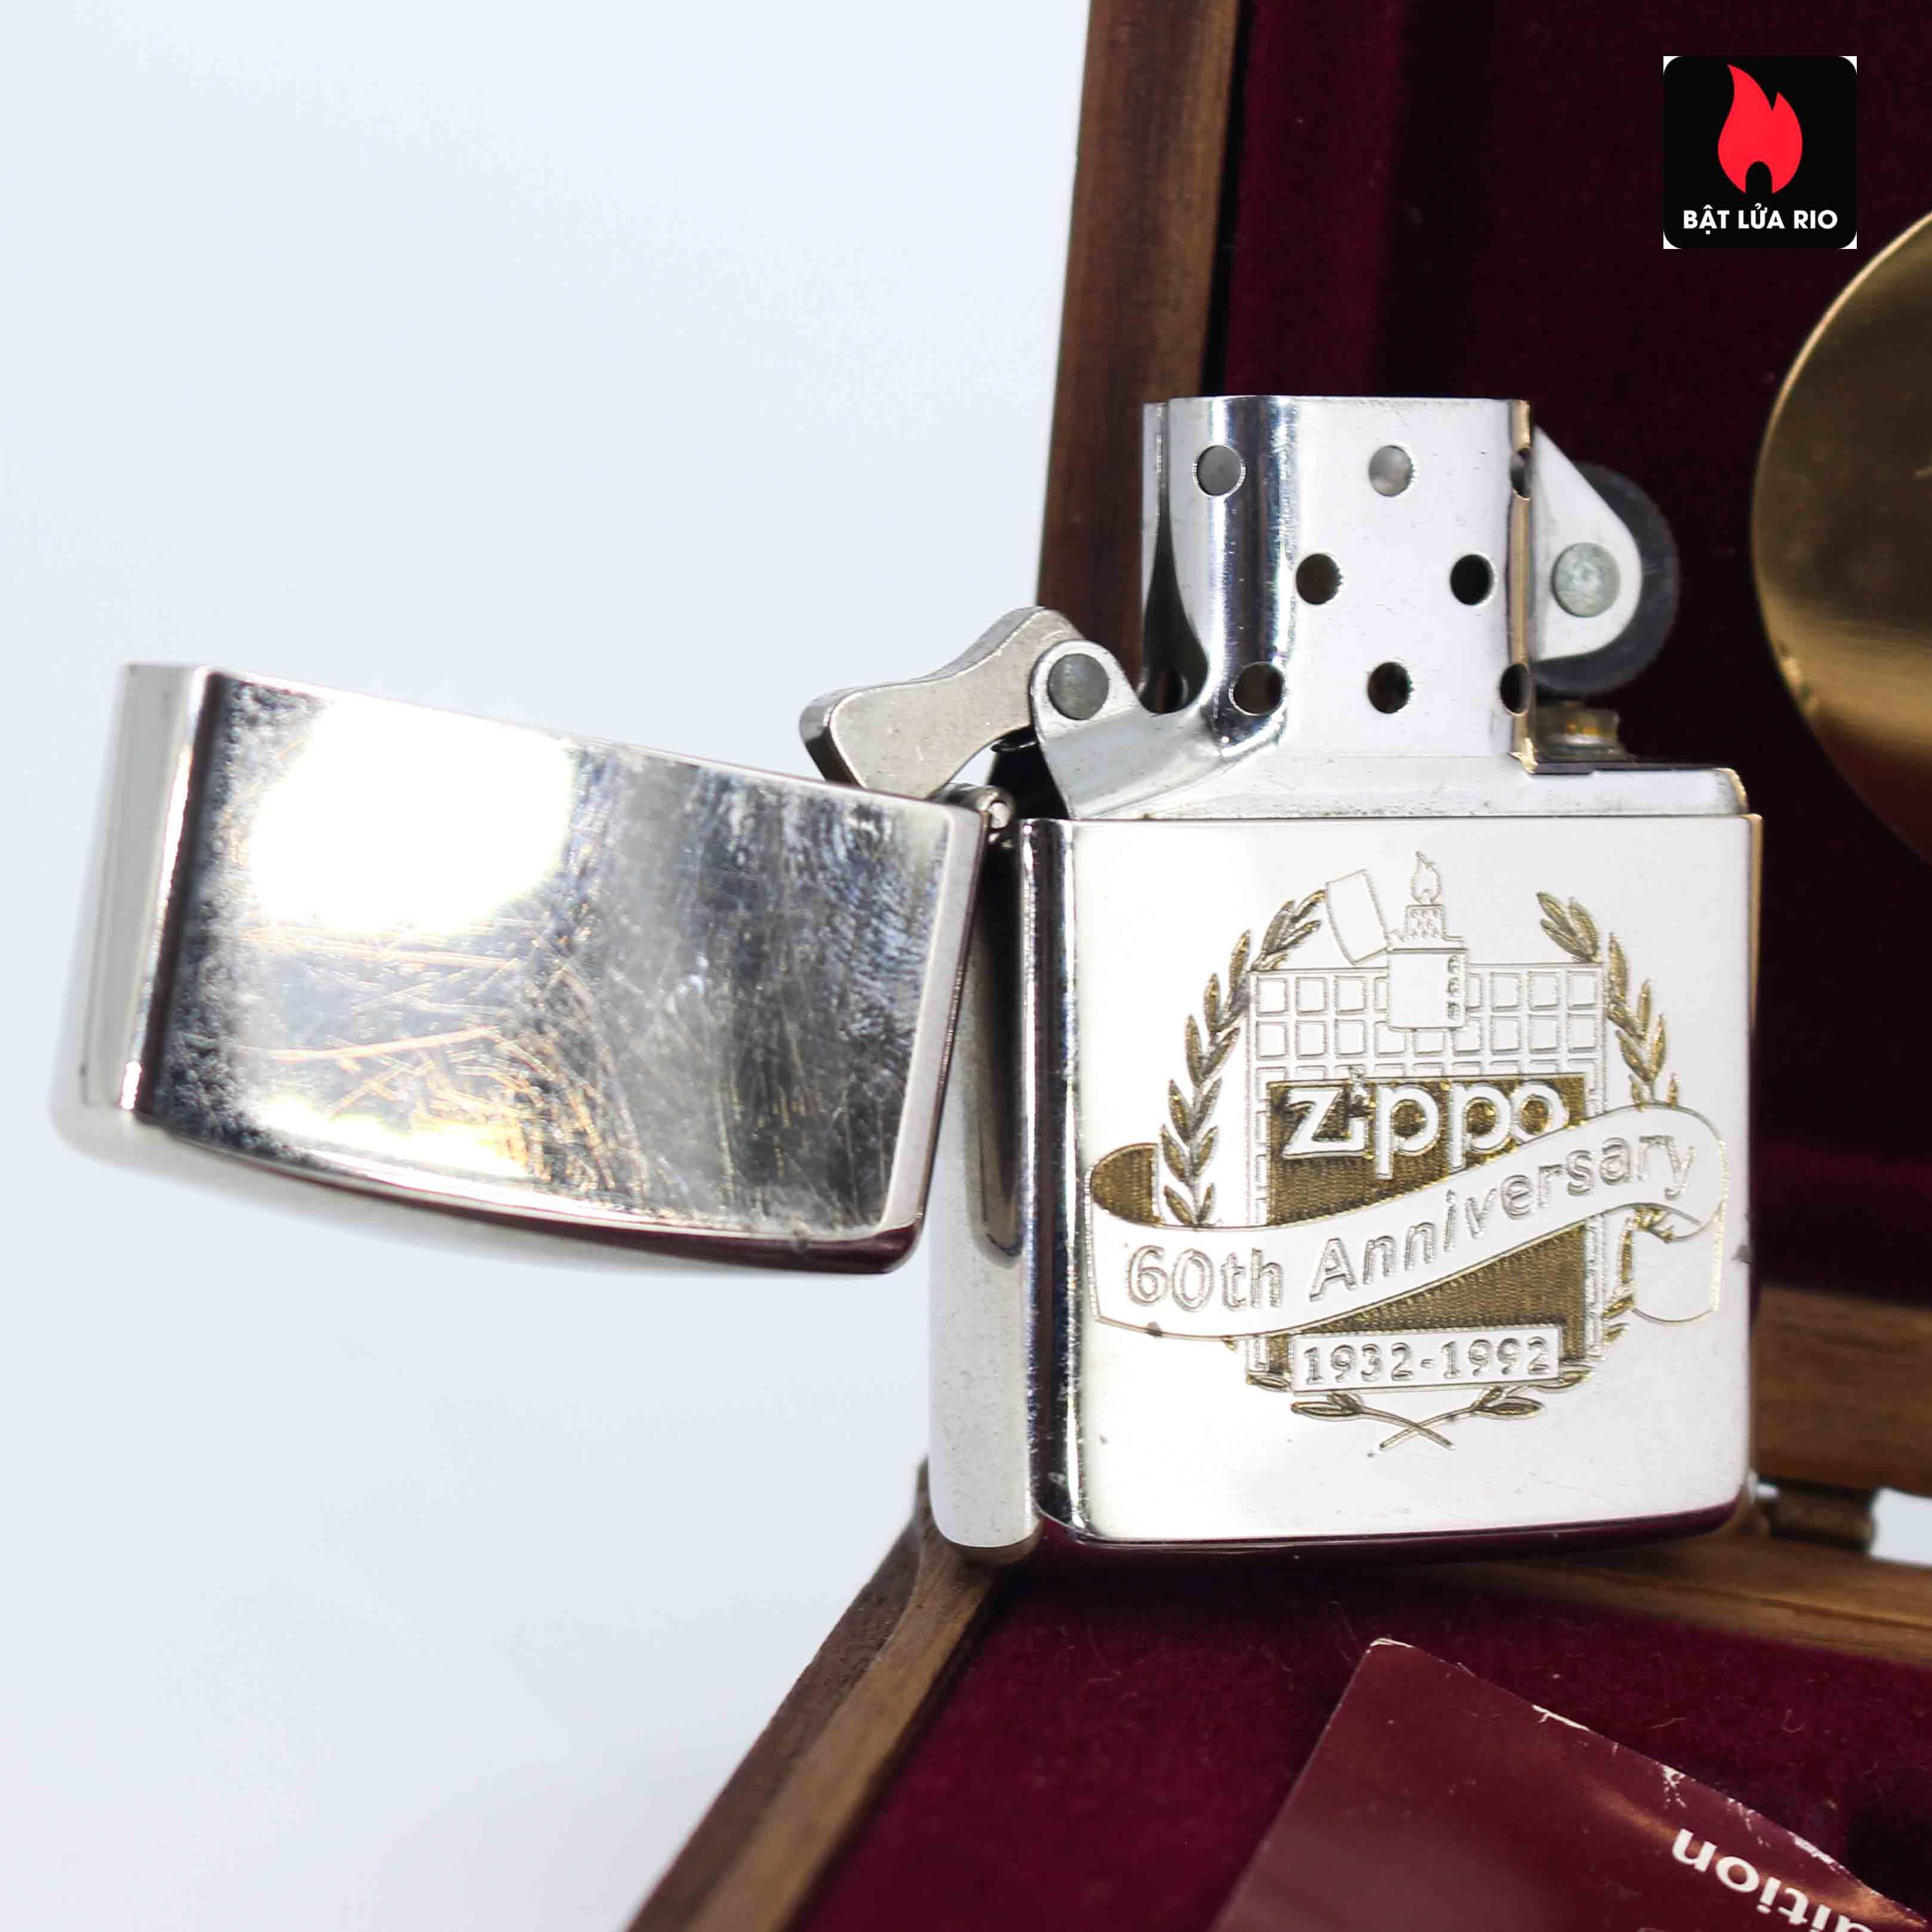 Zippo 1932 - 1992 - 60th Anniversary - Kỉ Niệm 60 Năm Thành Lập Hãng Zippo 2